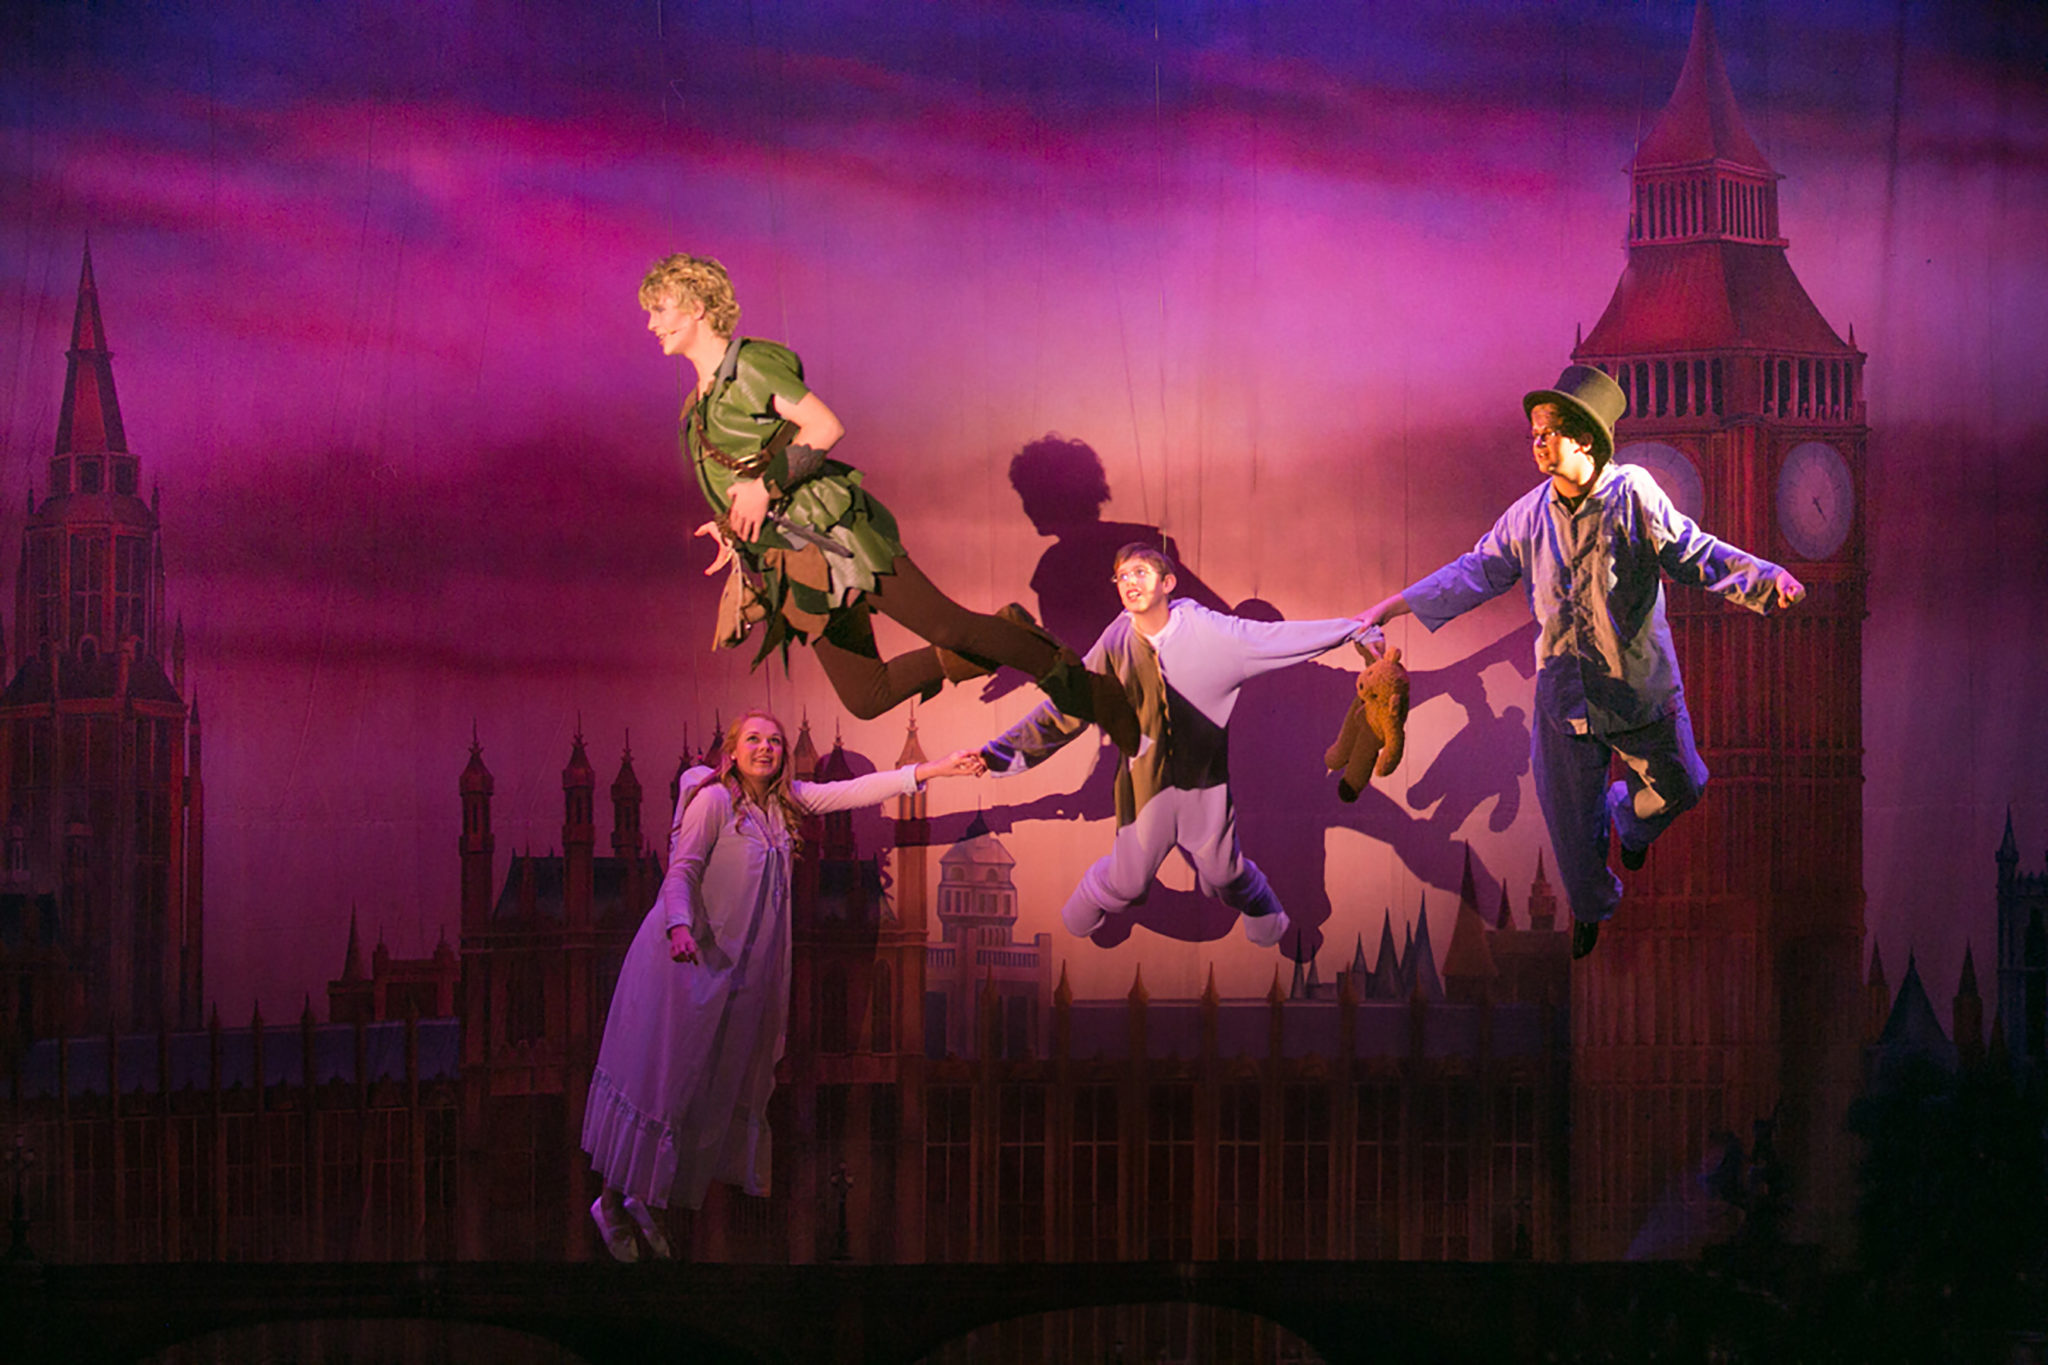 Peter Pan - Flying